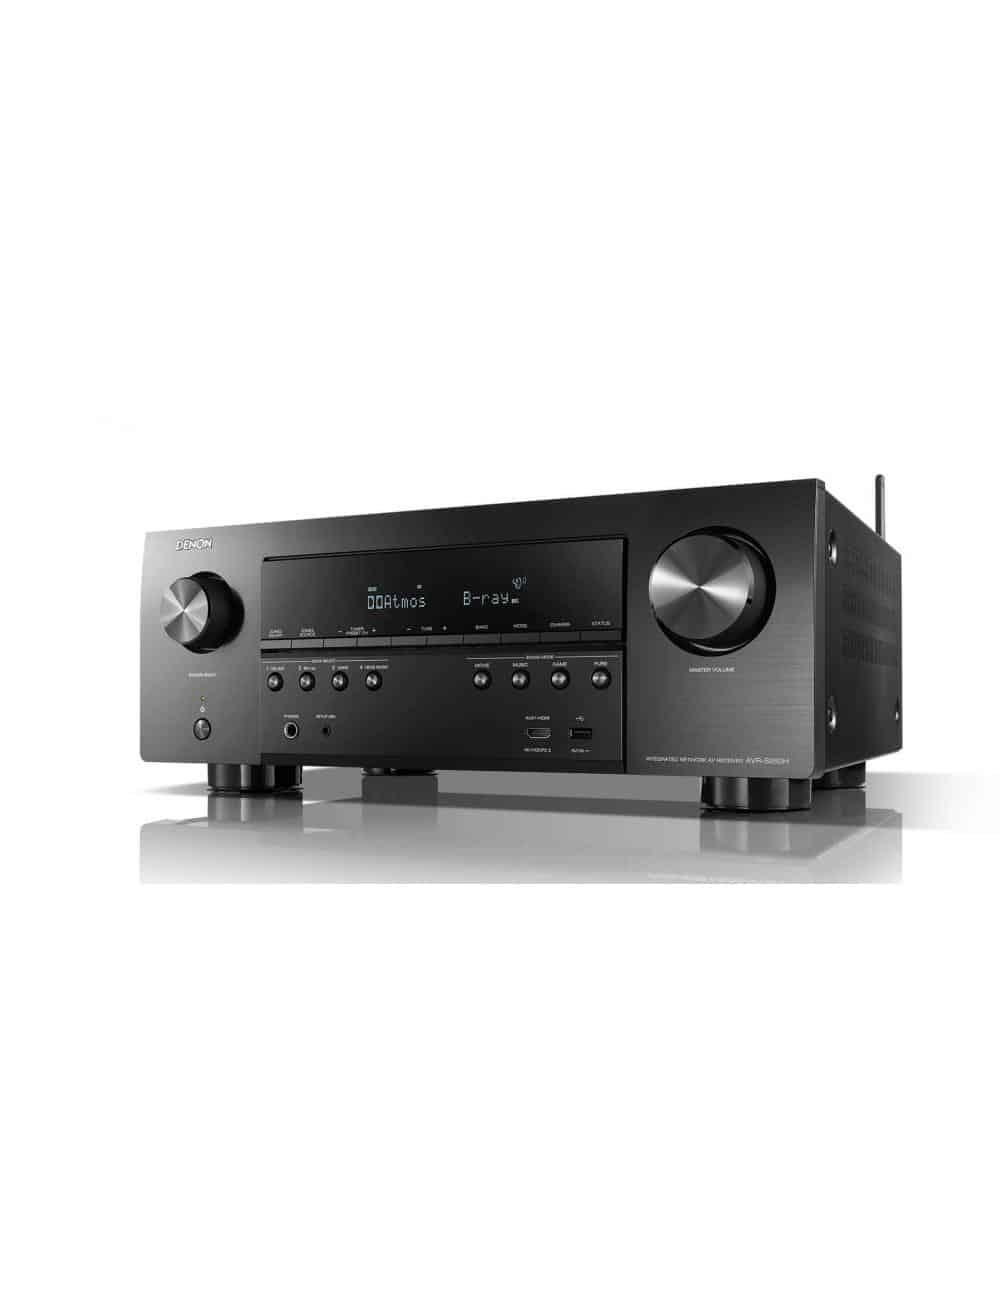 Sintoamplificatore AV Denon AVR-S950H, 7.2 canali ad alta potenza con upscaling 4K Ultra-HD e Controllo Vocale, vista frontale